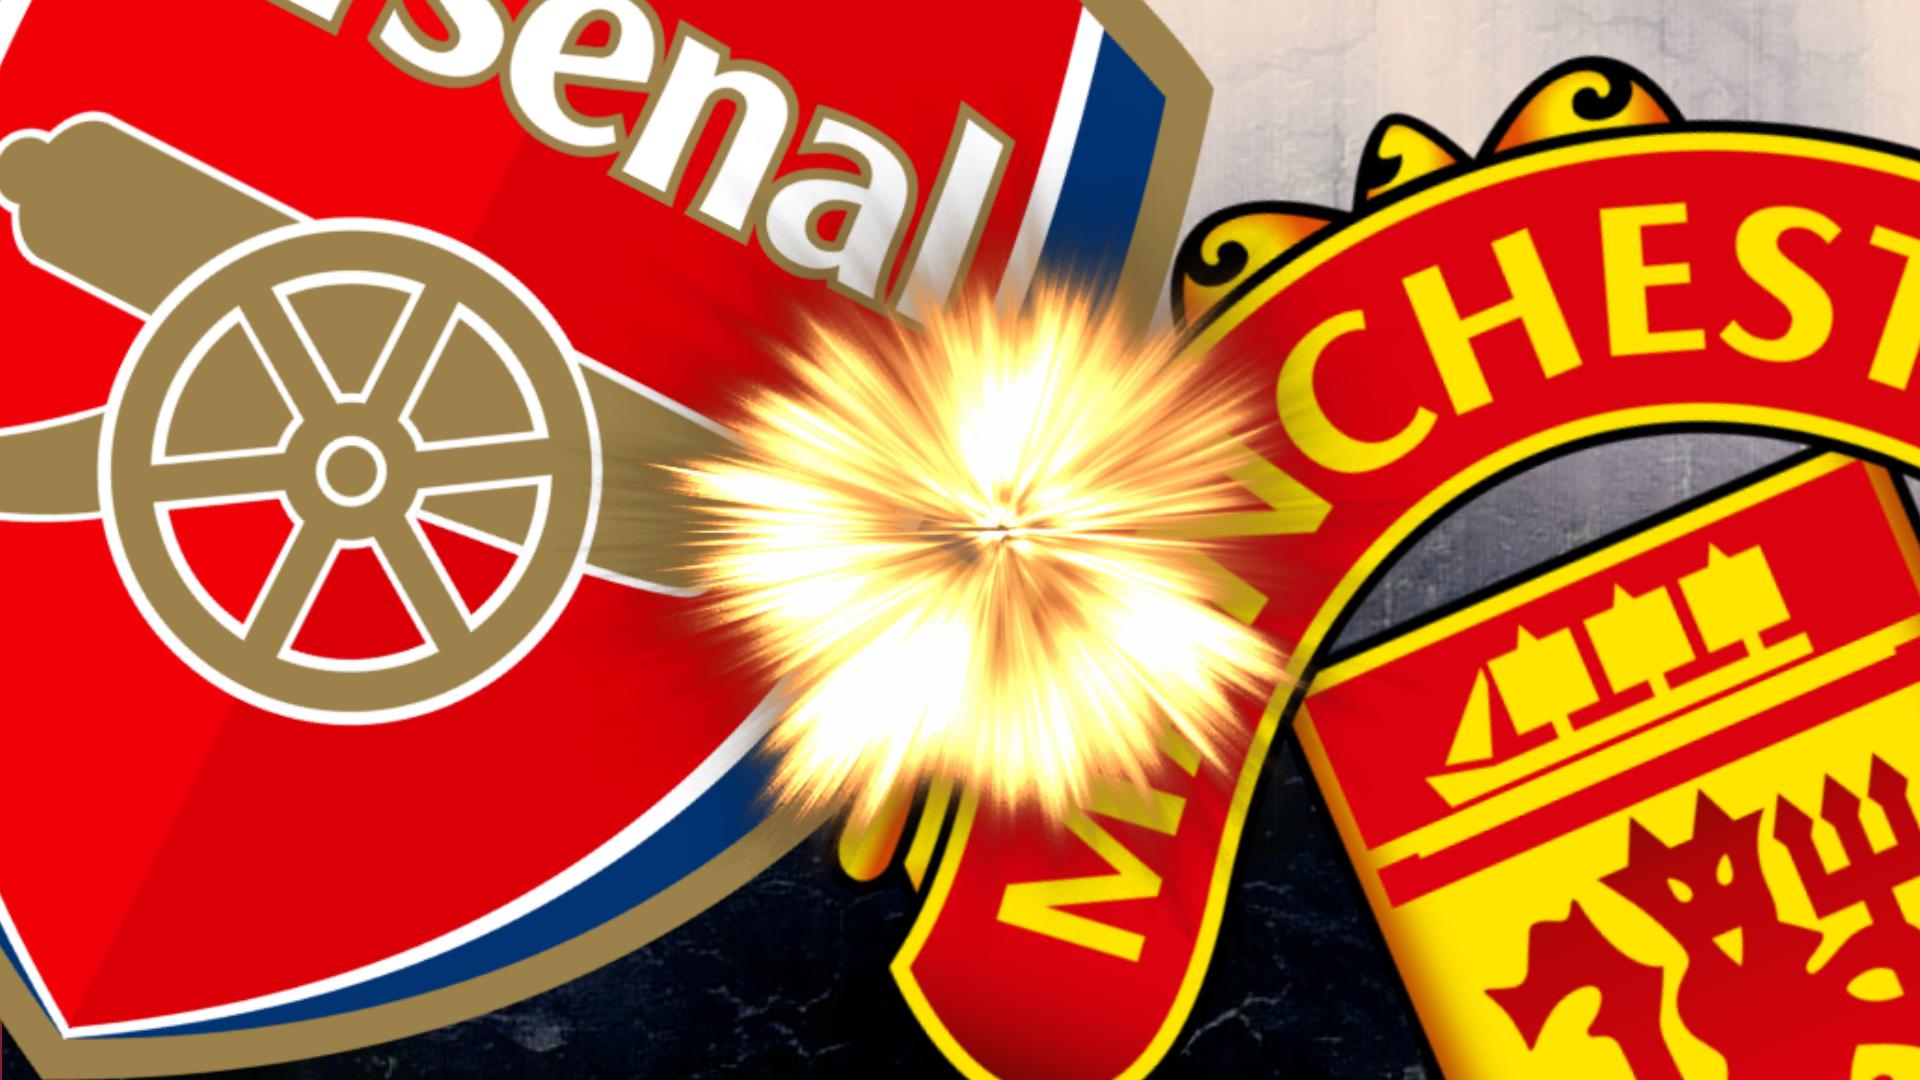 Nhận định Arsenal vs Man United, 0h30 ngày 3/12: Dựa vào sân nhà